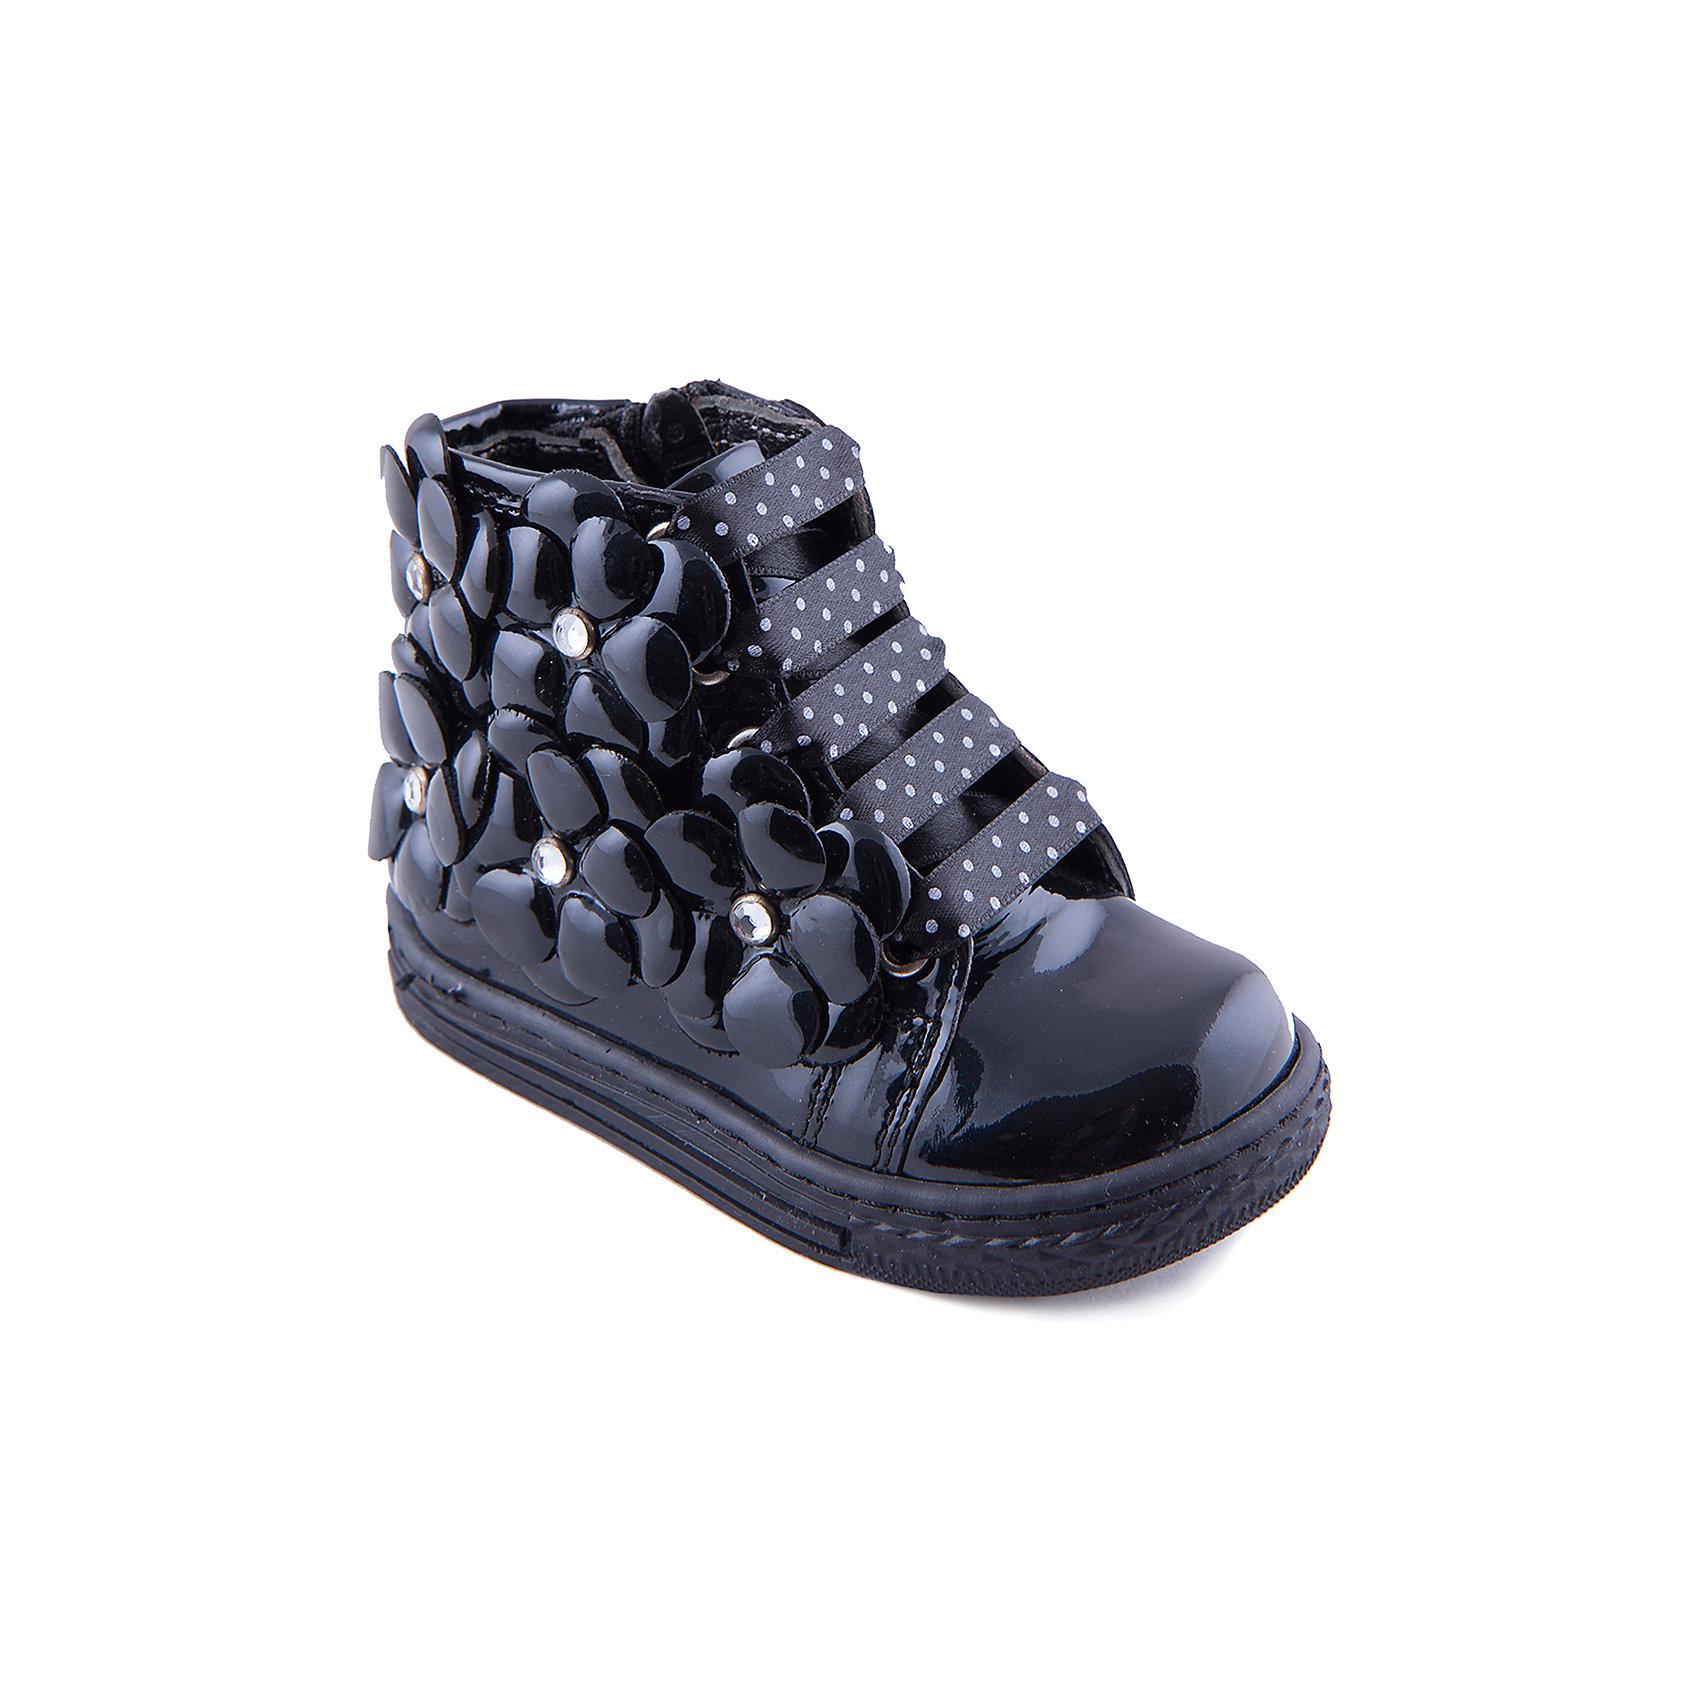 Ботинки для девочки MinimenБотинки<br>Эффектные ботинки из натуральной кожи для девочки от известного бренда Minimen. Изделие предназначено для использования в сухую погоду при температуре воздуха выше +10 градусов и обладает следующими особенностями:<br>- глубокий черный цвет, объемный декор, лак;<br>- шнурки в белый горошек впереди, молния и маленький ремешок с кнопкой сбоку;<br>- усиленный противоударный мыс;<br>- высокий укрепленный задник, надежно фиксирующий пятку;<br>- подкладка из натуральной кожи;<br>- кожаная анатомическая стелька с супинатором обеспечивает поддержку стопы во всех отделах;<br>- легкая нескользящая подошва.<br>Идеальная обувь для любимых ножек.<br><br>Дополнительная информация:<br>- Температурный режим: выше +10 градусов<br>- Состав: <br>Материал верха: натуральная кожа 100%; <br>Материал подкладки: натуральная кожа 100%; <br>Материал подошвы: термопластик 100%<br><br>Ботинки для девочки Minimen (Минимен) можно купить в нашем магазине<br><br>Ширина мм: 262<br>Глубина мм: 176<br>Высота мм: 97<br>Вес г: 427<br>Цвет: синий<br>Возраст от месяцев: 36<br>Возраст до месяцев: 48<br>Пол: Женский<br>Возраст: Детский<br>Размер: 24,23,21,25,30,20,22,29,28,27,26<br>SKU: 4006239